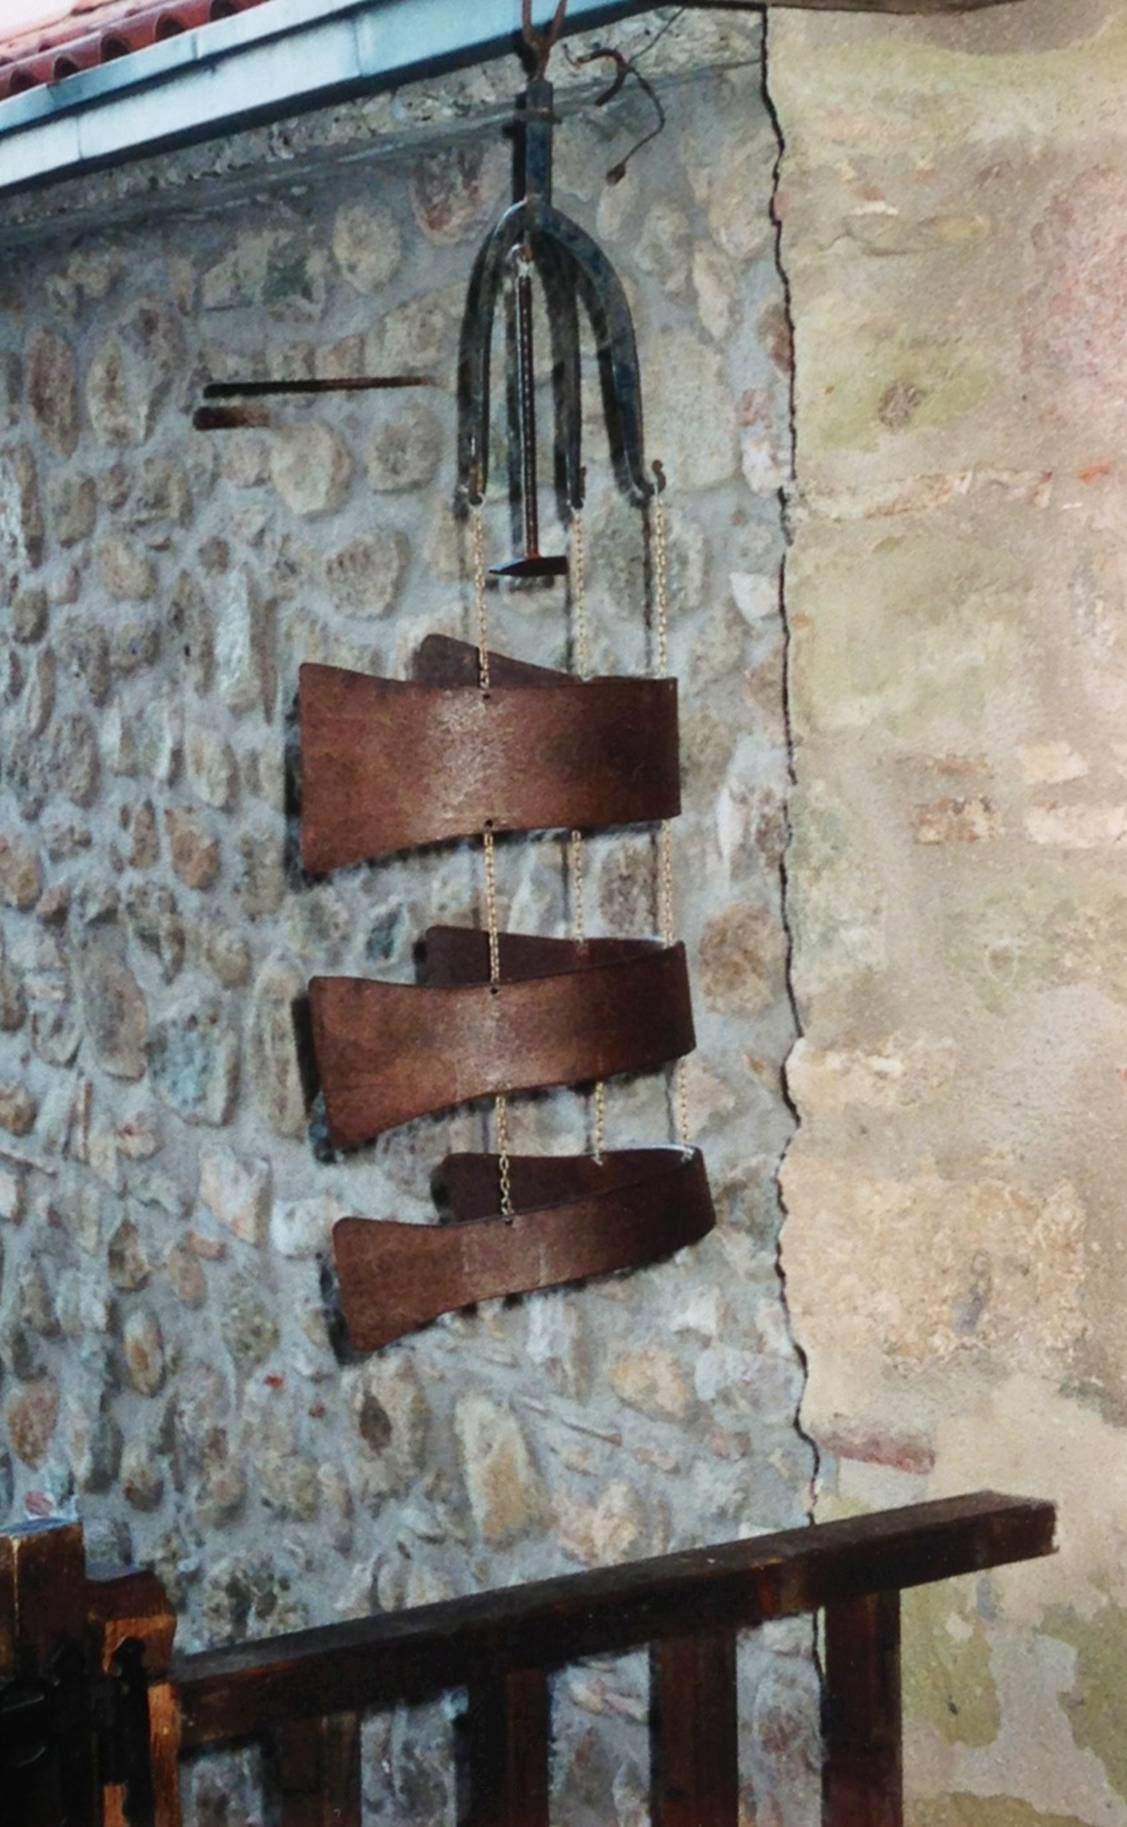 Bizans kilisesinde çan kulesi yoktu. Semantron denen, tahtaya tahta tokmakla vurarak cemaati çağırırlardı. Günümüzde, manastırlarda, doğal olarak, hala semantron kullanılıyor. Ortodoks Kilisesi'ne çan, 18. yüzyılda ilave oldu. İlk çan Rusya'da yapılıp yollandı. Fotoğrafta, Yunanistan'ın Teselya Vadisi'nde yer alan Meteora Manastırları'ndan biri olan Diriliş Manastırı'nda kullanılan semantron.